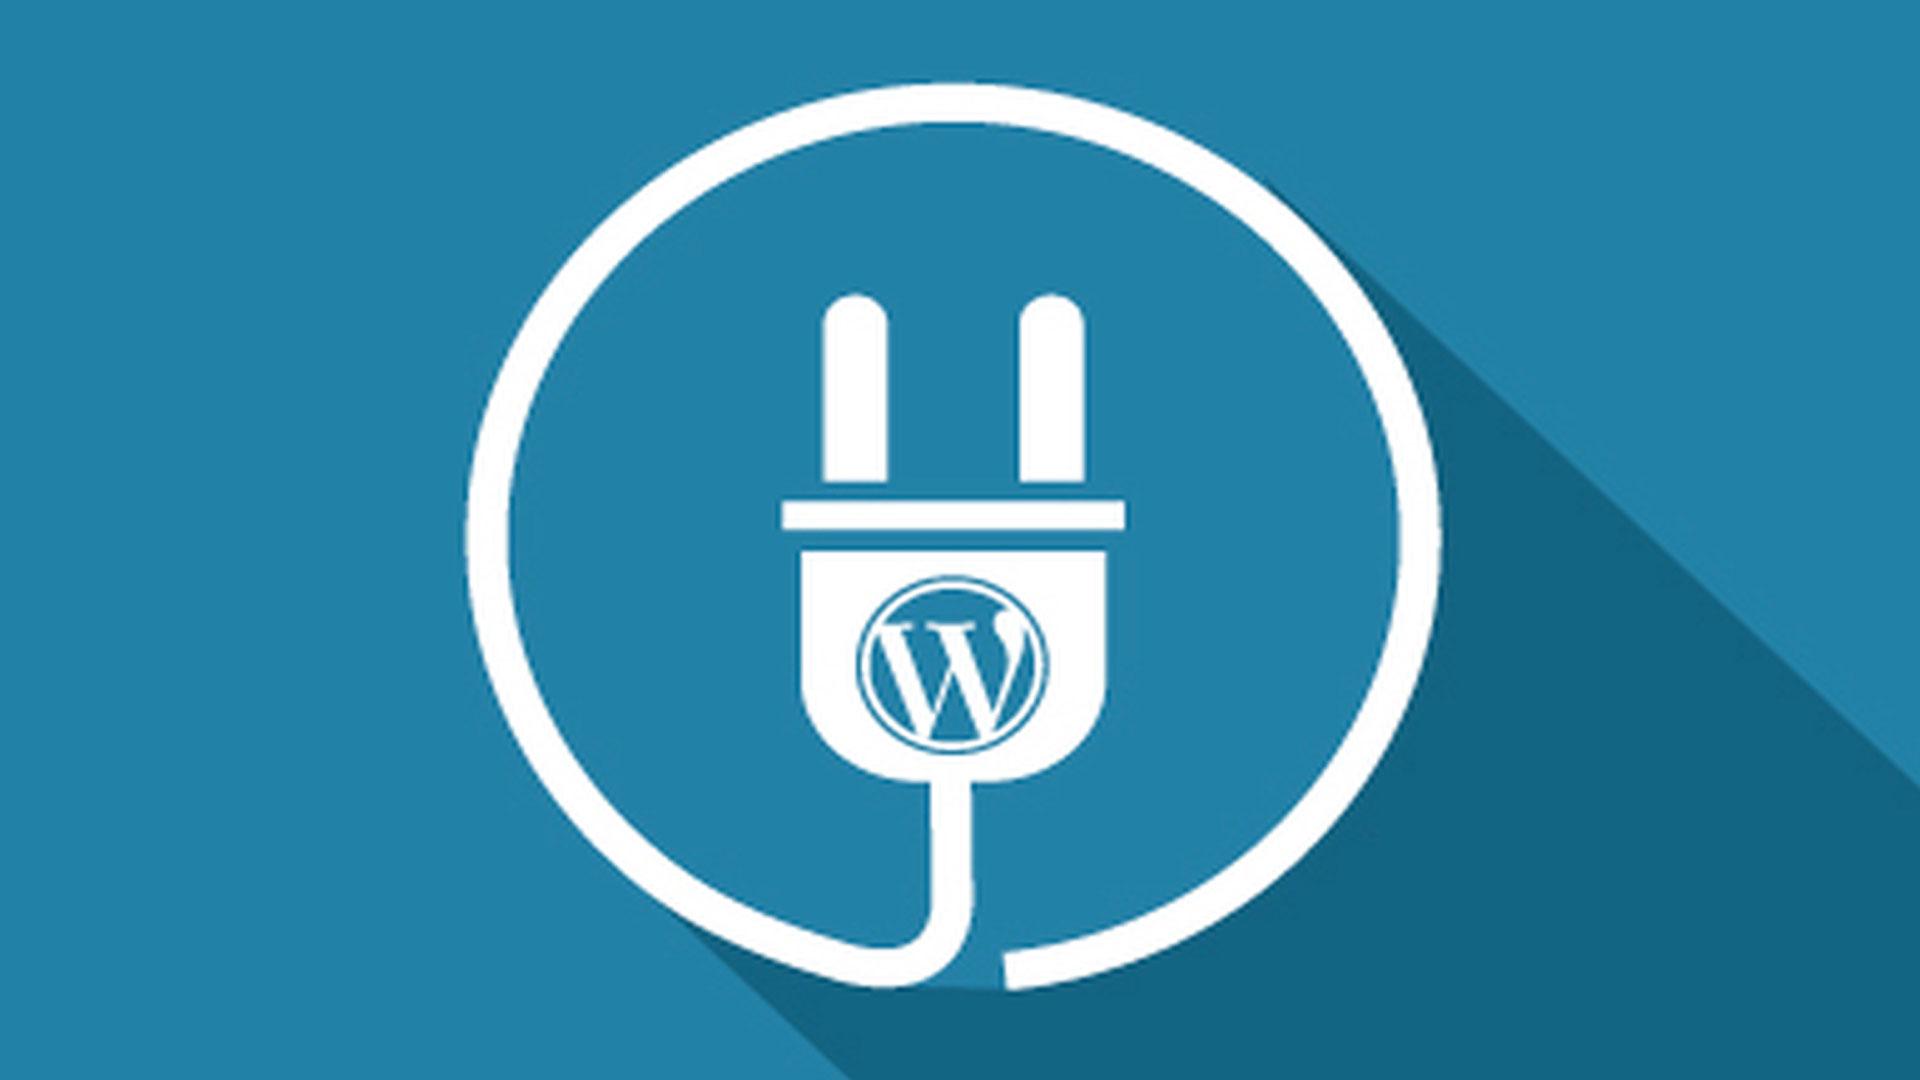 cosa-sono-i-plugin-di-wordpress-e-come-funzionano